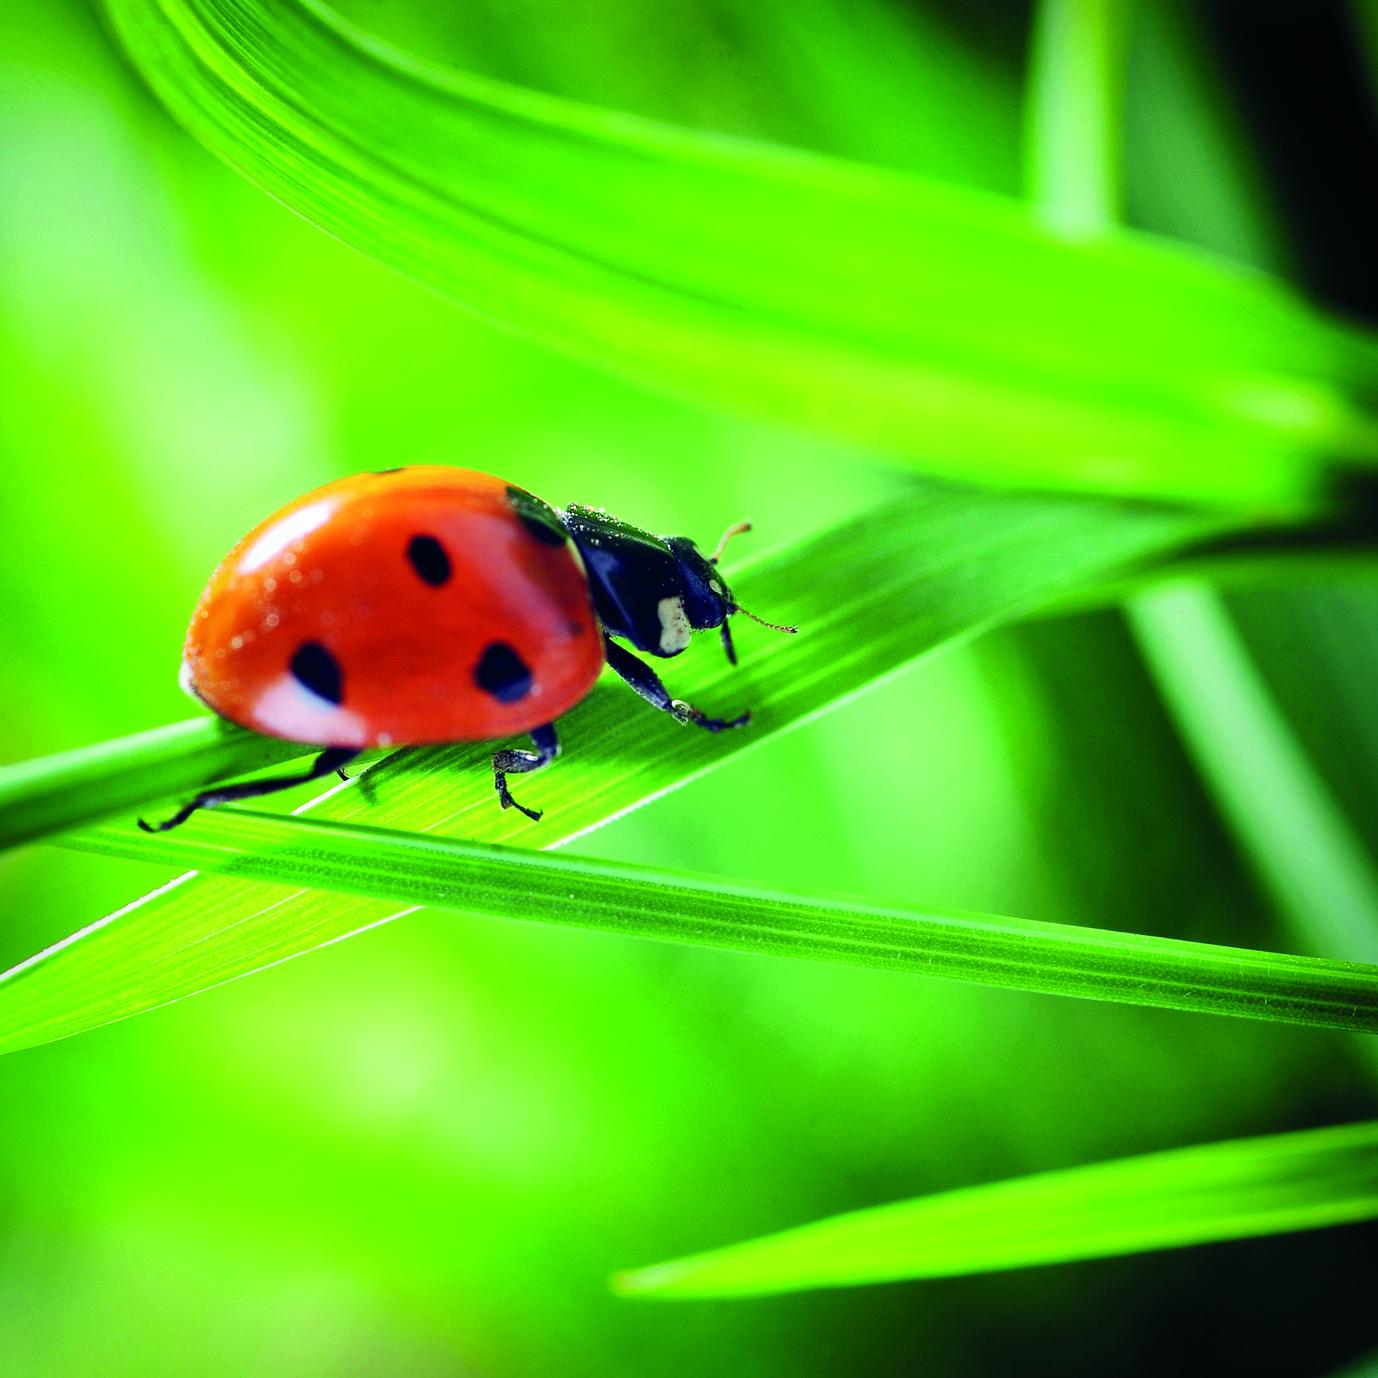 l h tel insectes petit paradis des jardins blog oleomac. Black Bedroom Furniture Sets. Home Design Ideas